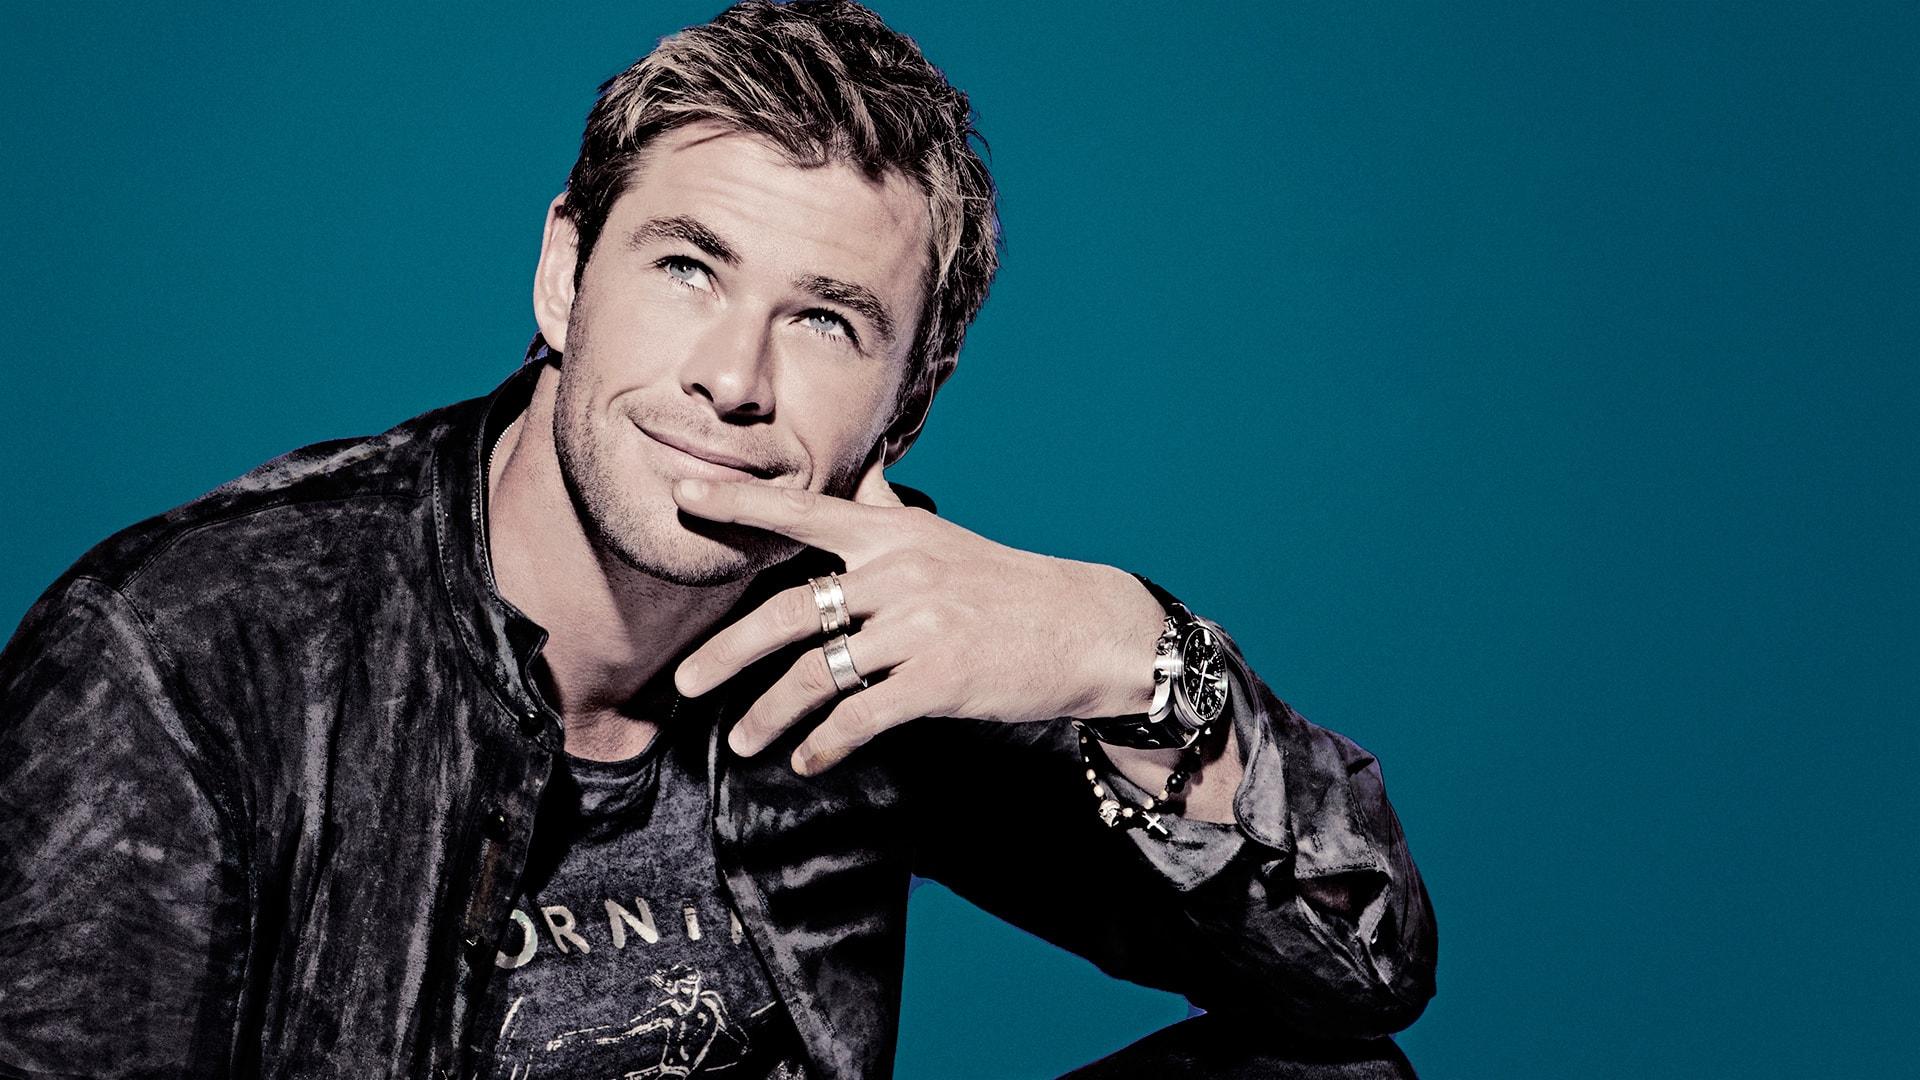 Chris Hemsworth Desktop wallpapers